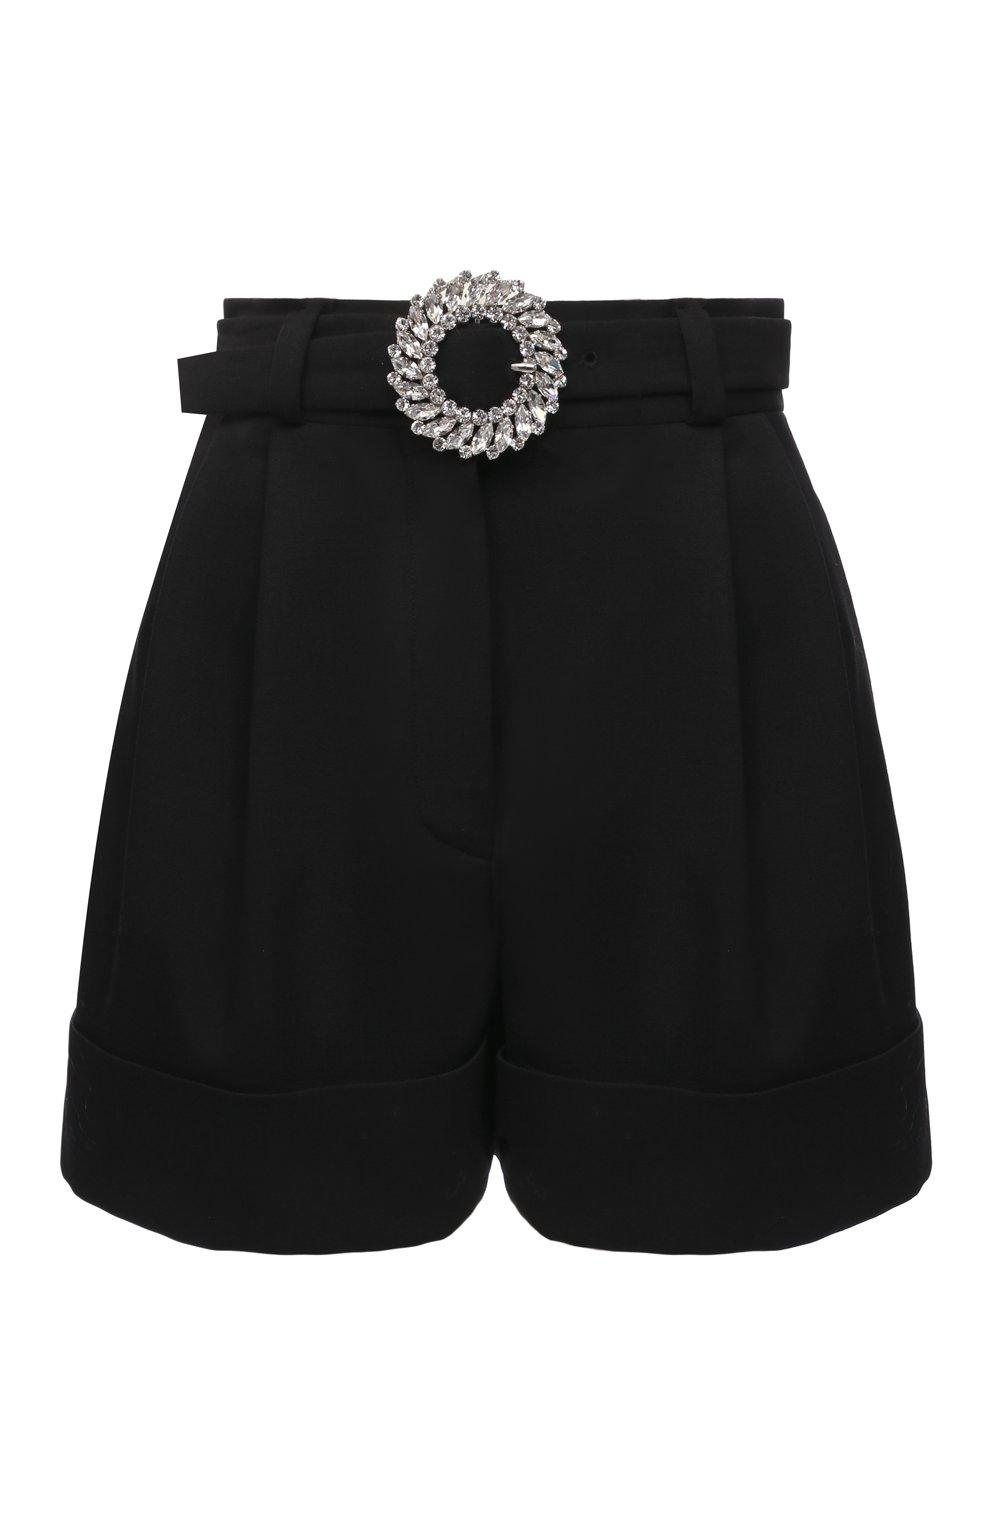 Женские шерстяные шорты MIU MIU черного цвета, арт. MP1406-1R1-F0002 | Фото 1 (Женское Кросс-КТ: Шорты-одежда; Материал внешний: Шерсть; Стили: Гламурный; Длина Ж (юбки, платья, шорты): Мини)